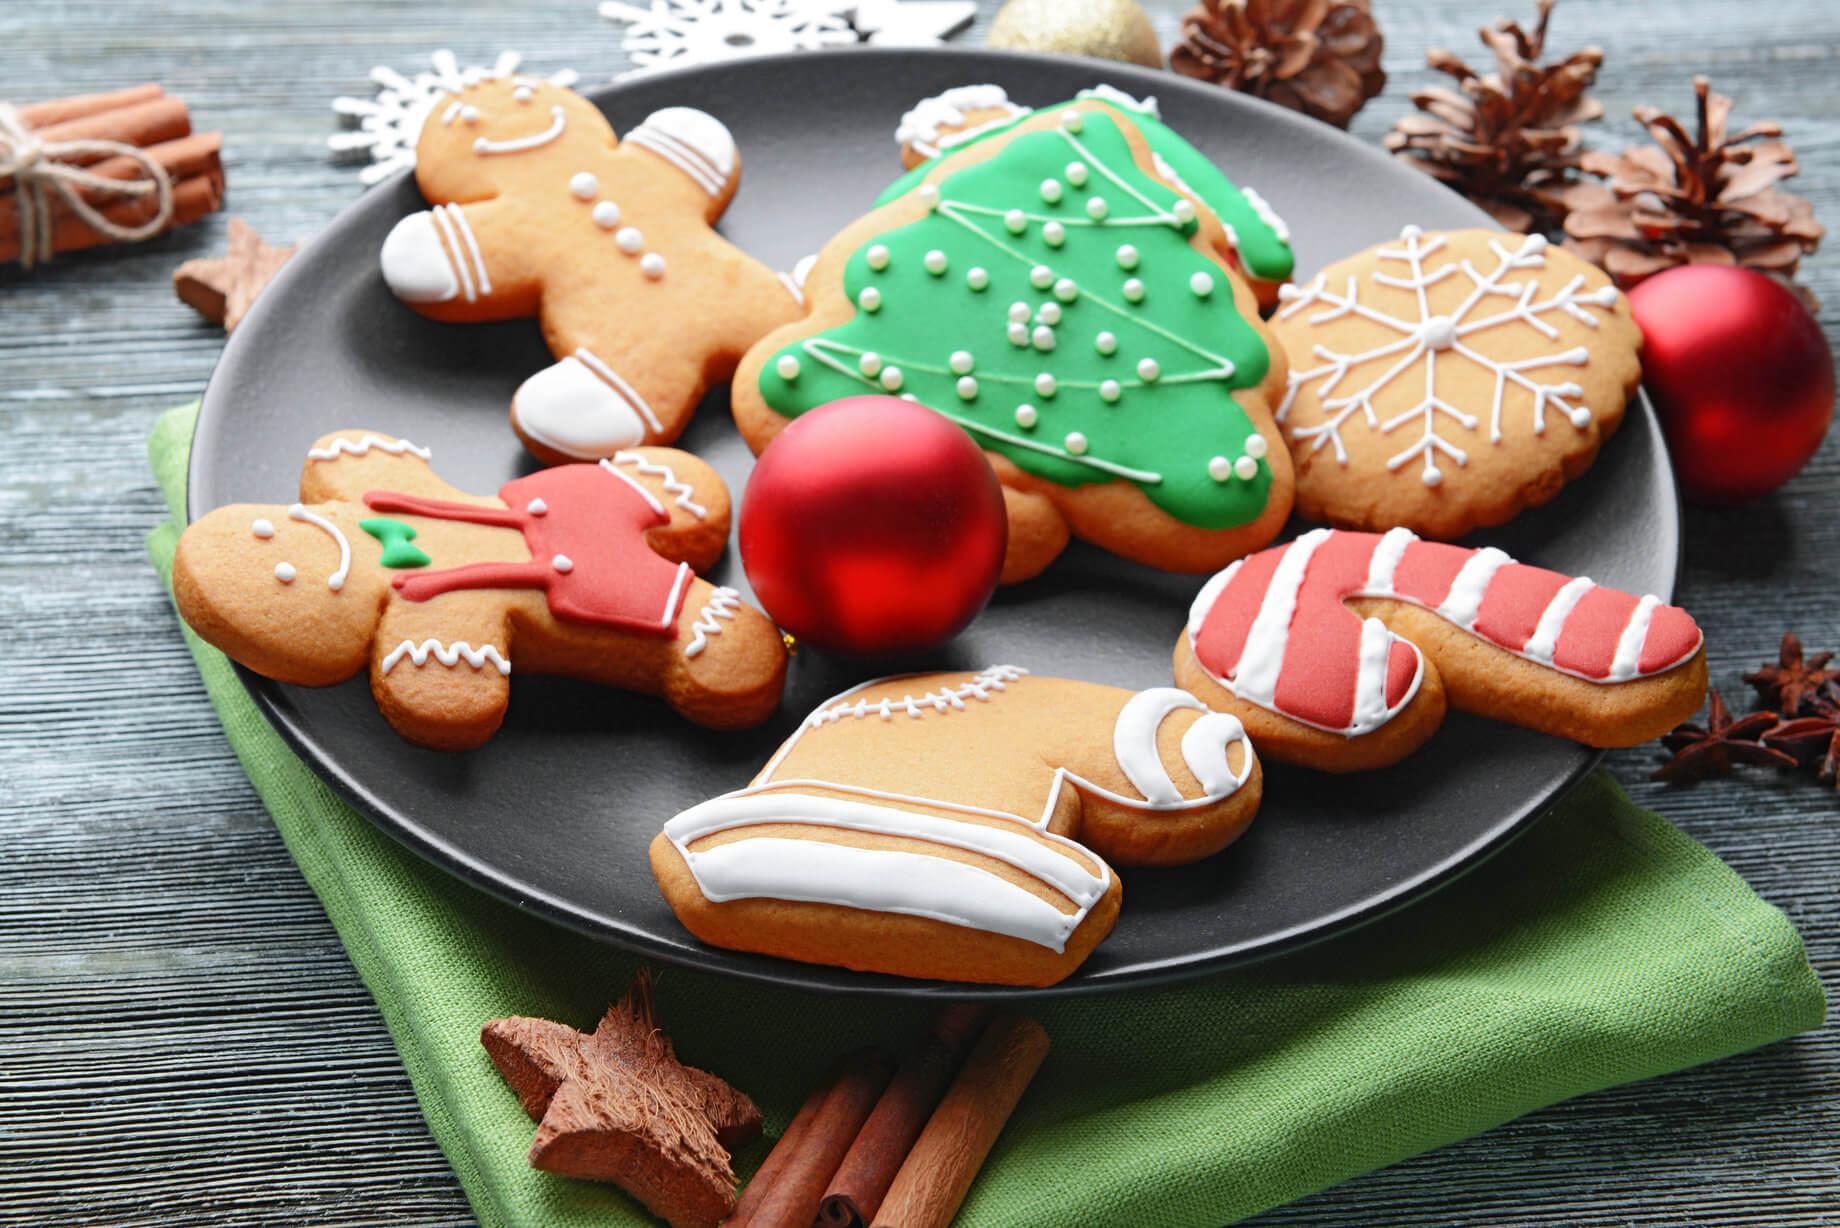 recetas navideñas para hacer con niños.